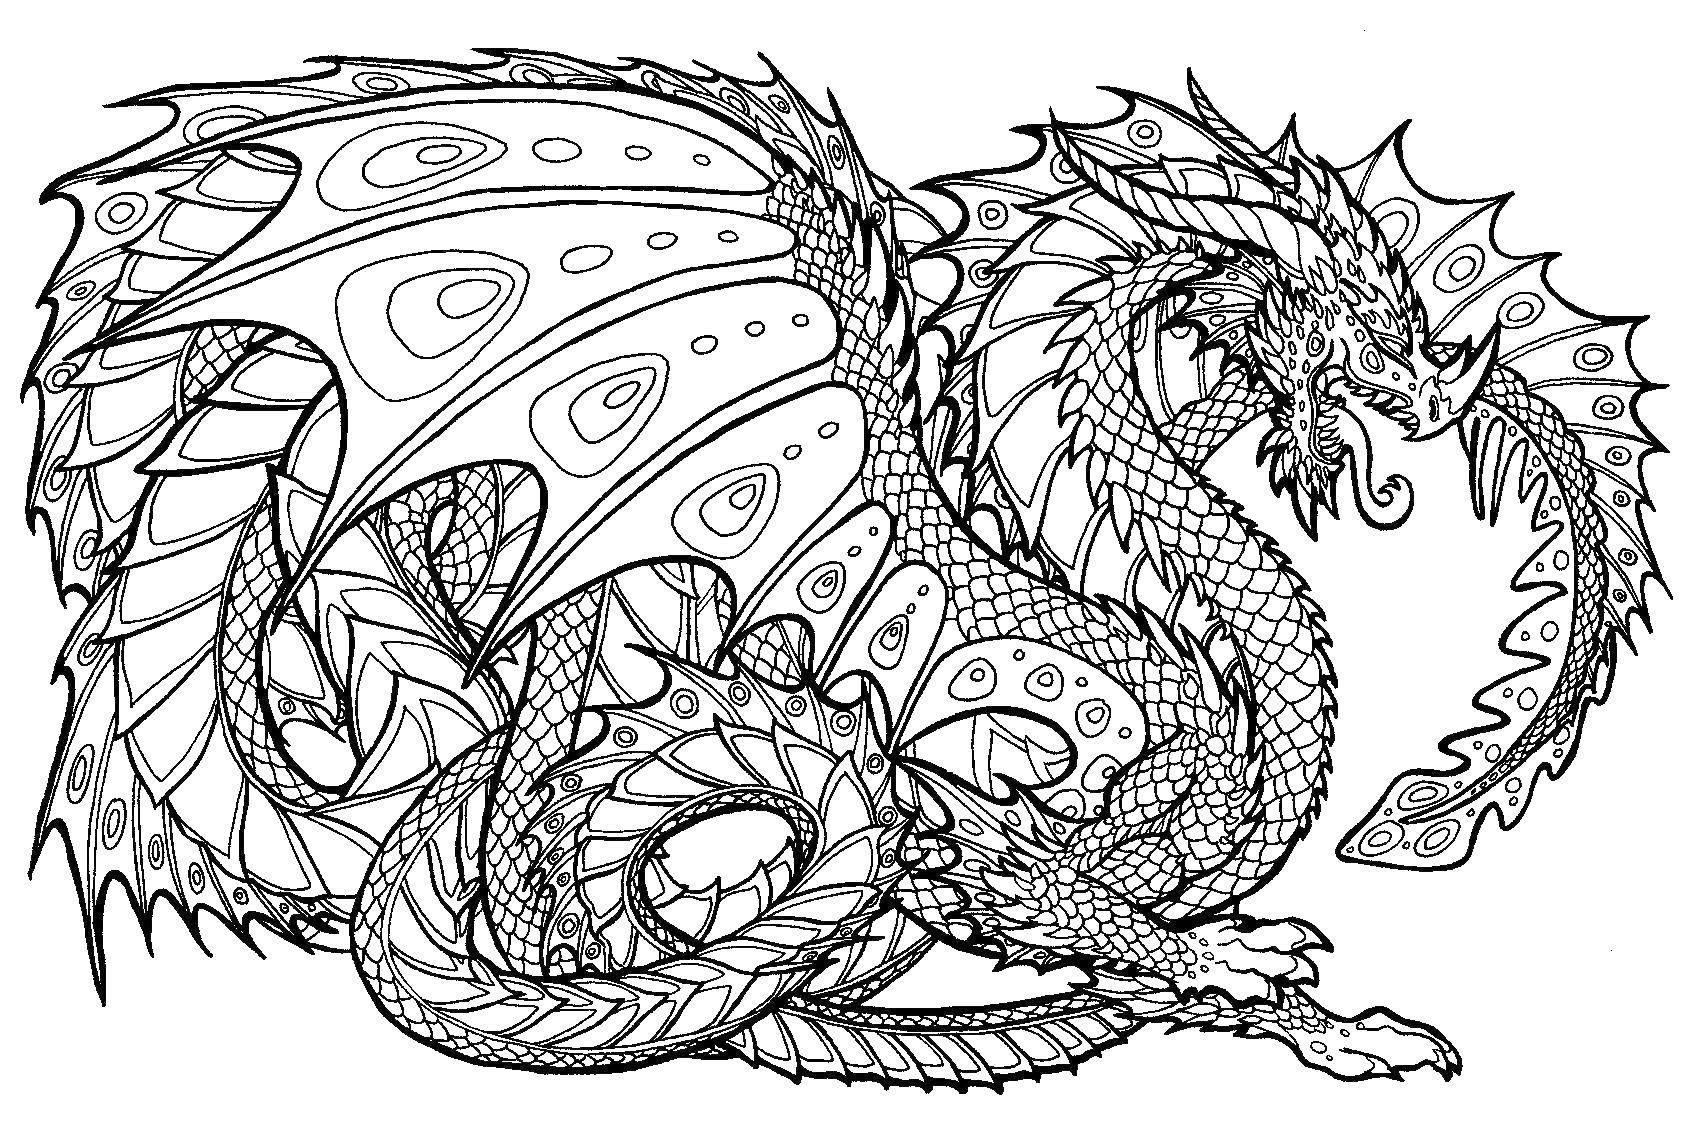 Coloring Beautiful dragon Download Dragons,.  Print